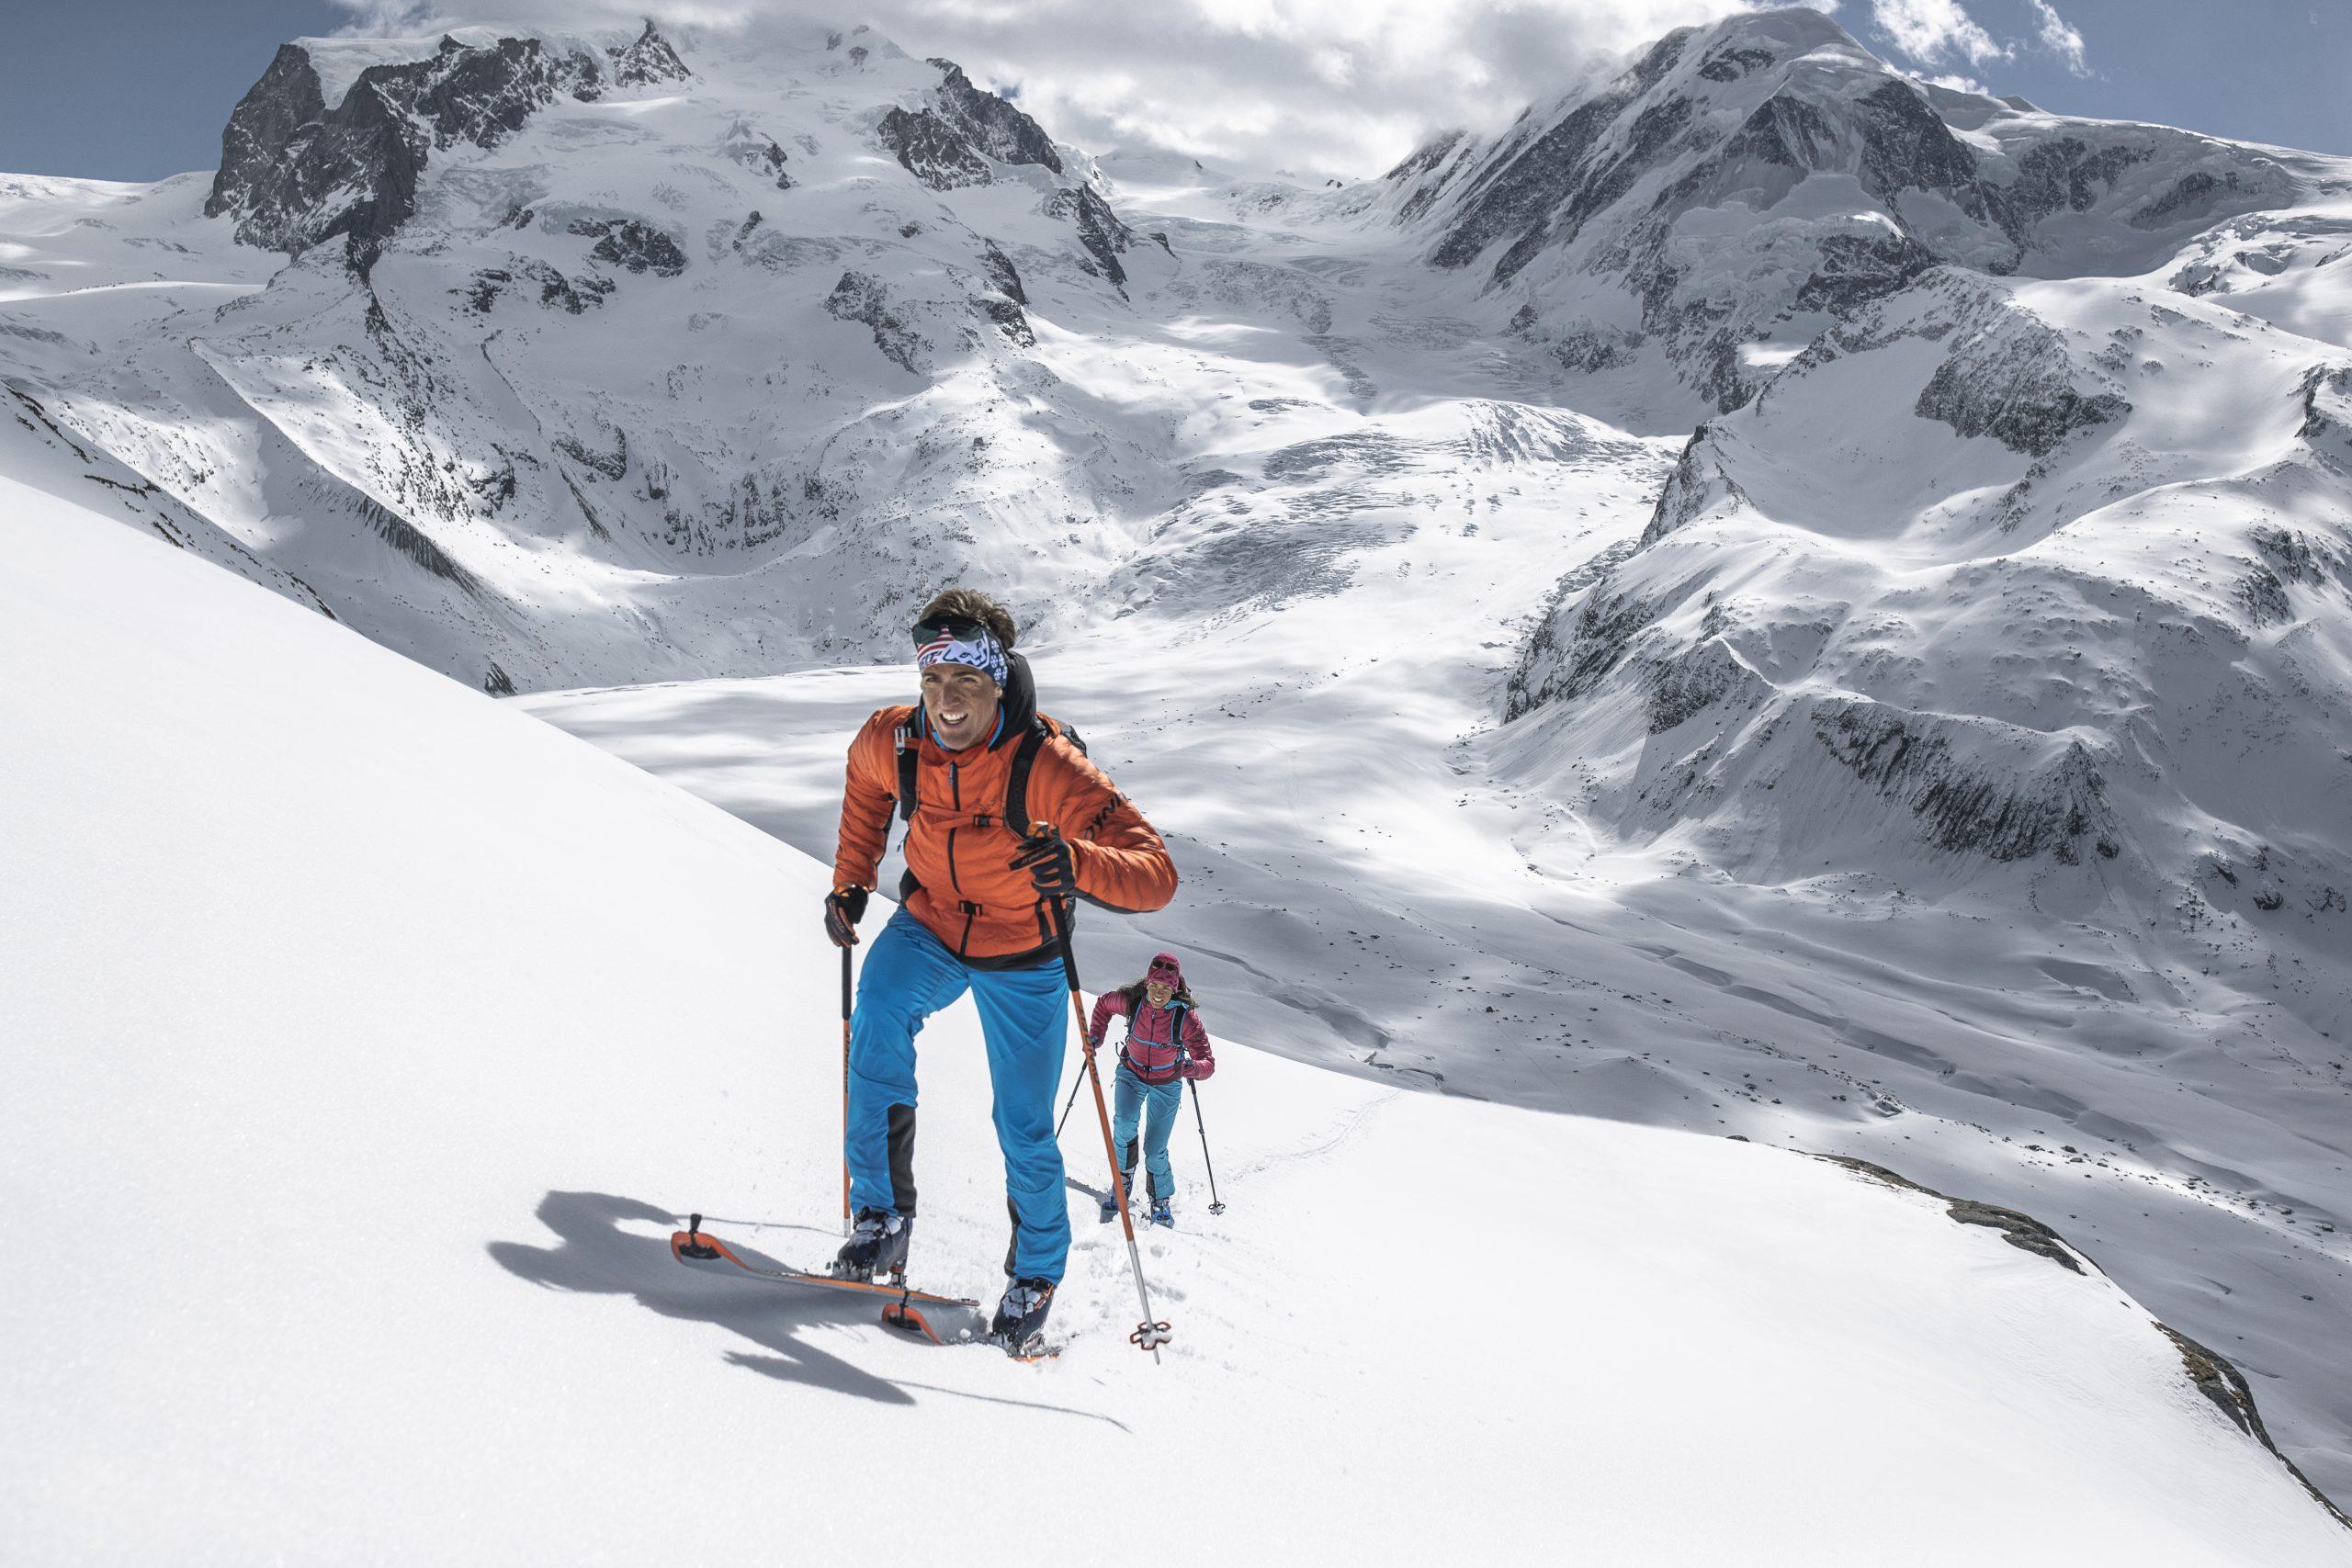 Andy Steindl und Johanna Swatosch bei einem Fotoshooting in Zermatt. Foto: Dynafit